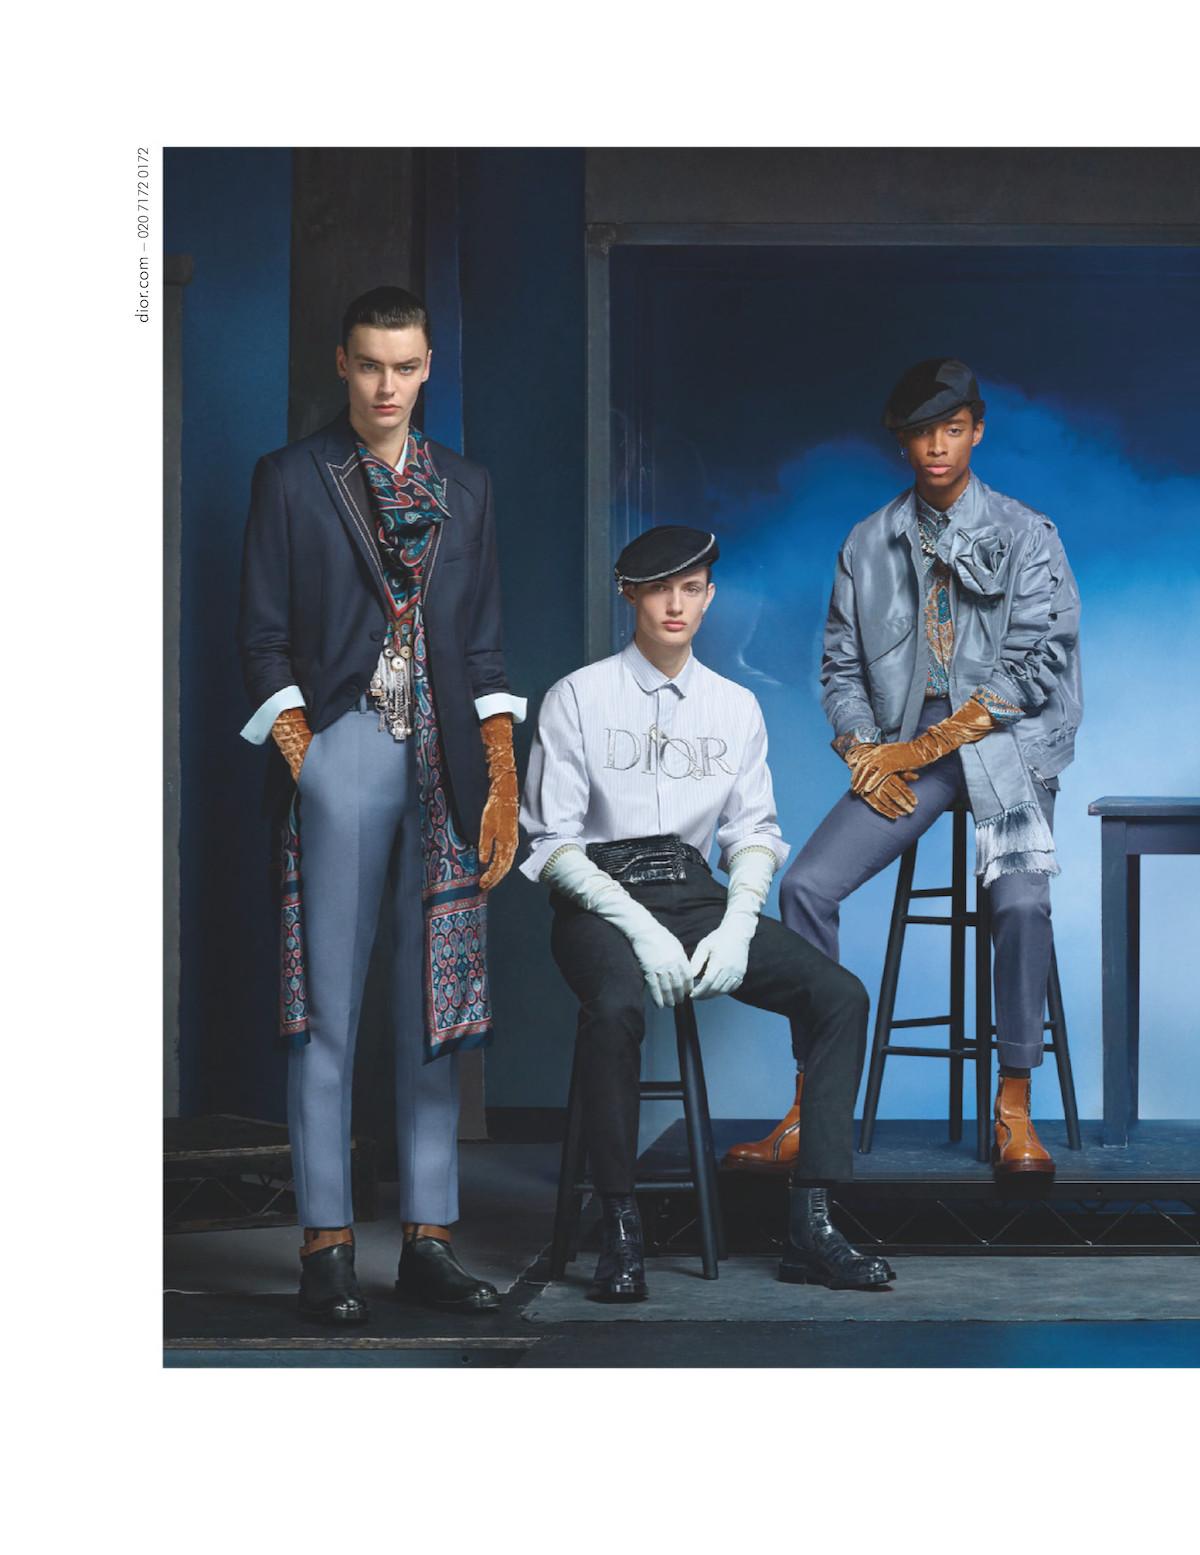 Dior Men Fall/Winter 2020-21 by Steven Meisel